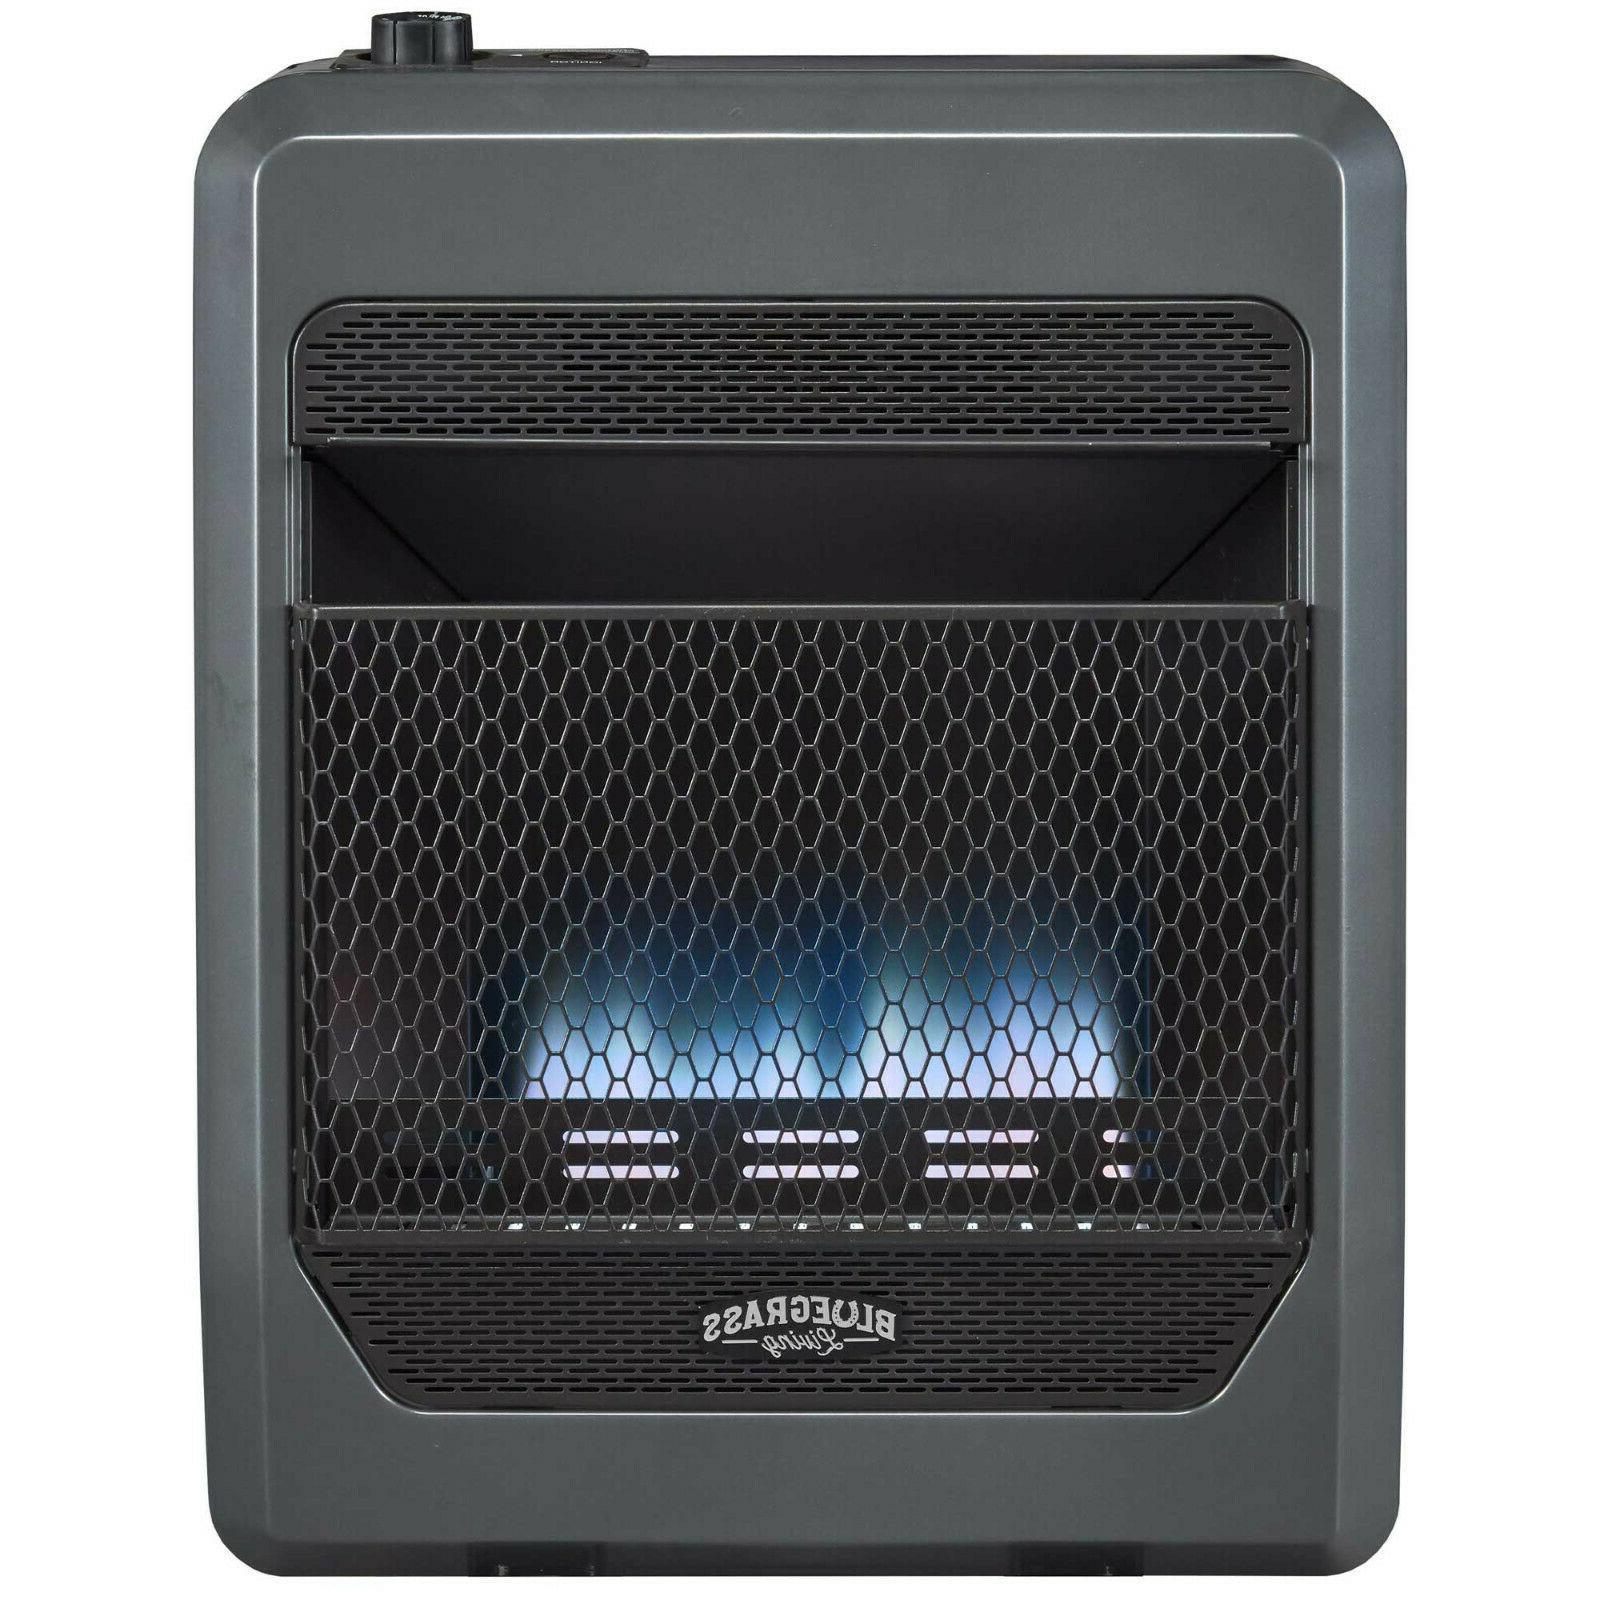 Bluegrass VentFree Gas Heater Feet